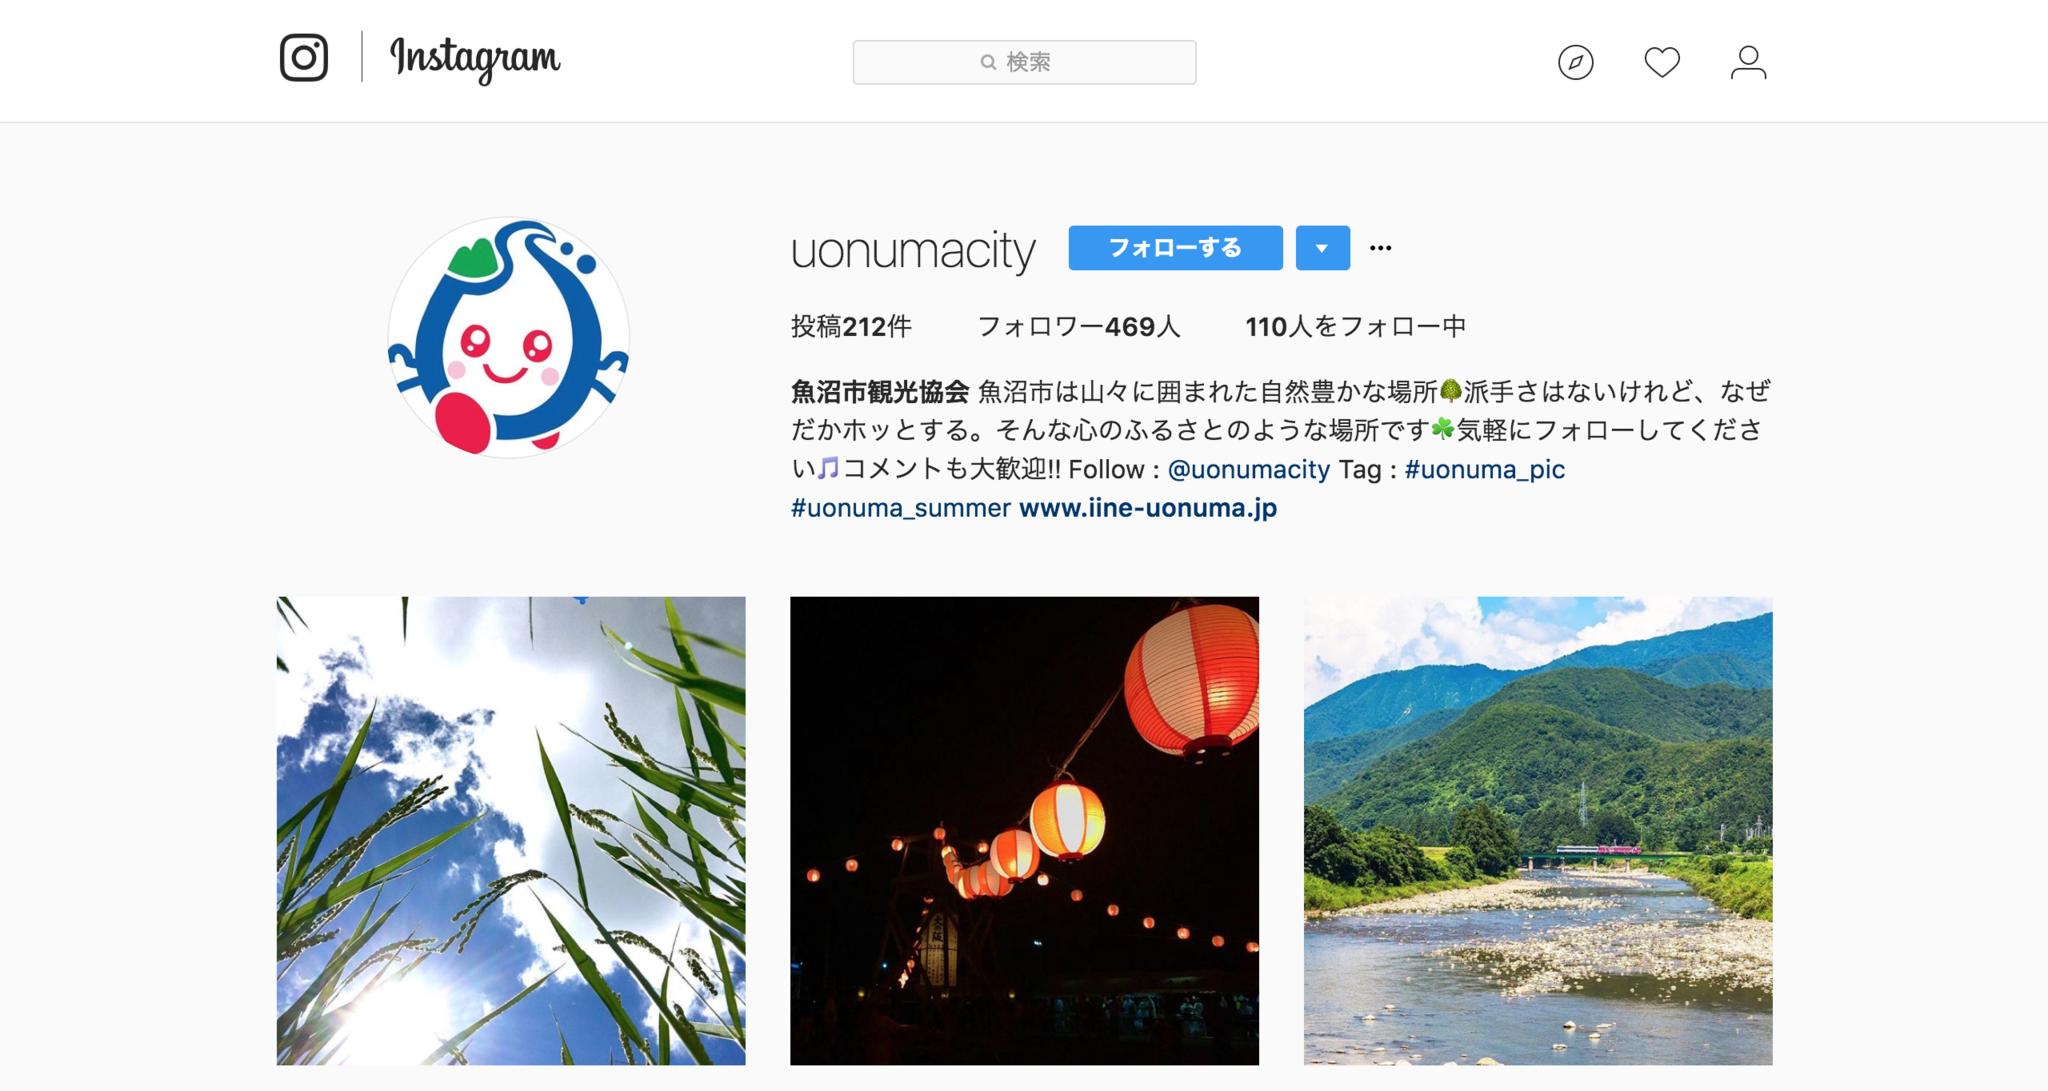 魚沼市観光協会さん__uonumacity__•_Instagram写真と動画.png